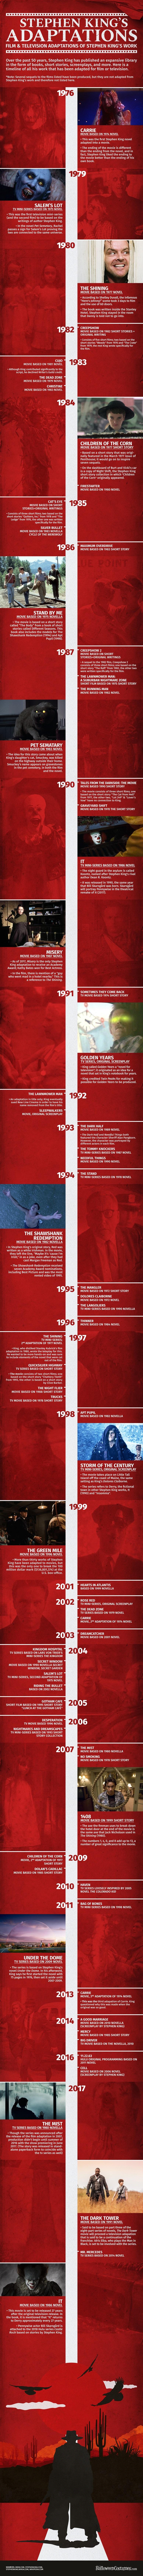 infografica film stephen king